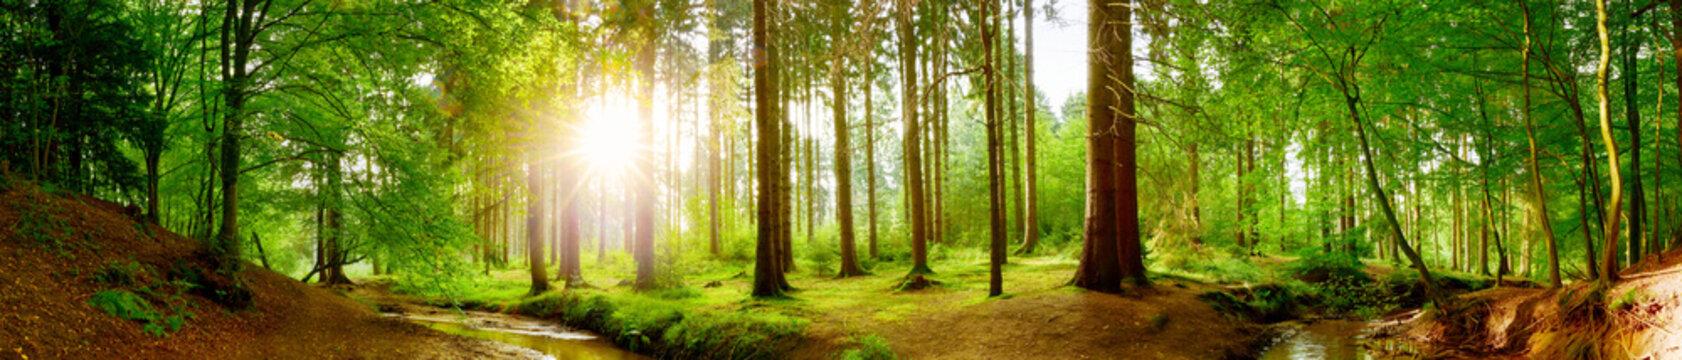 Panorama vom Wald im Frühling mit heller Sonne, die durch die Bäume strahlt